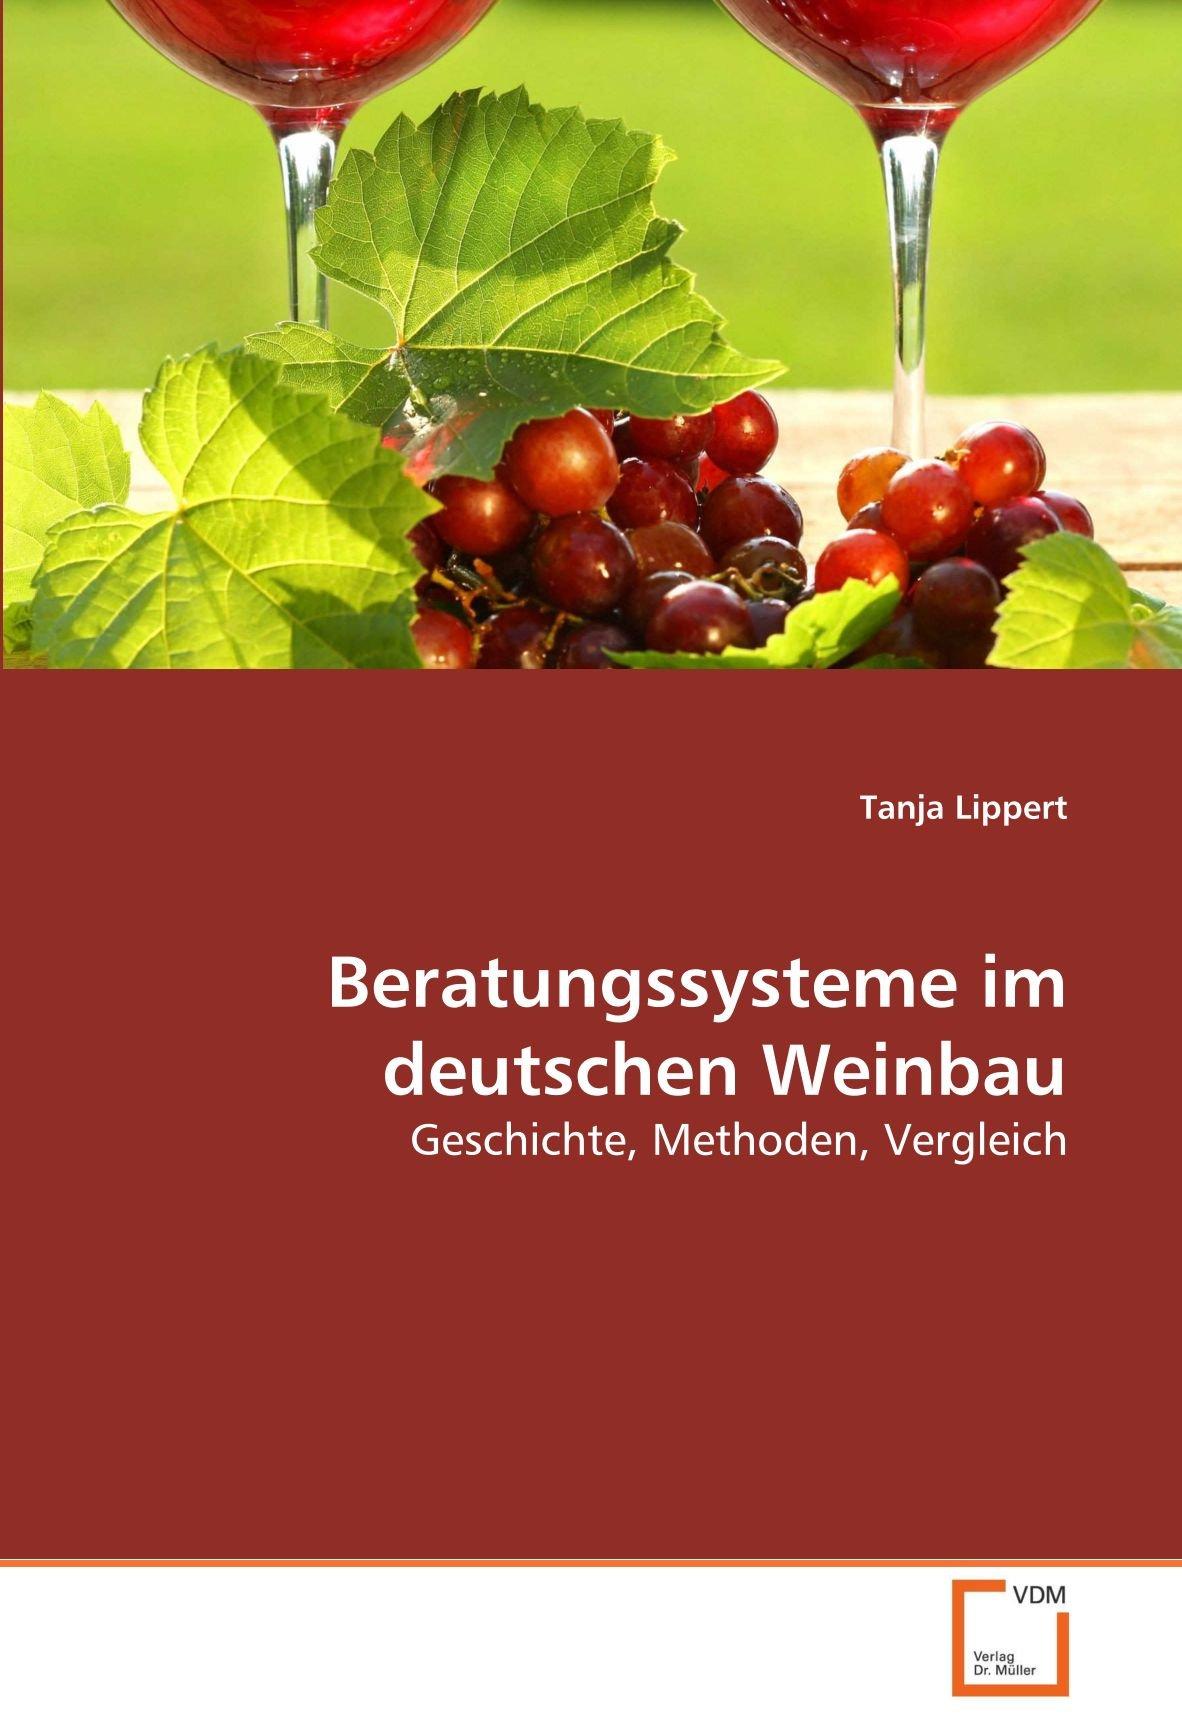 Beratungssysteme im deutschen Weinbau: Geschichte, Methoden, Vergleich